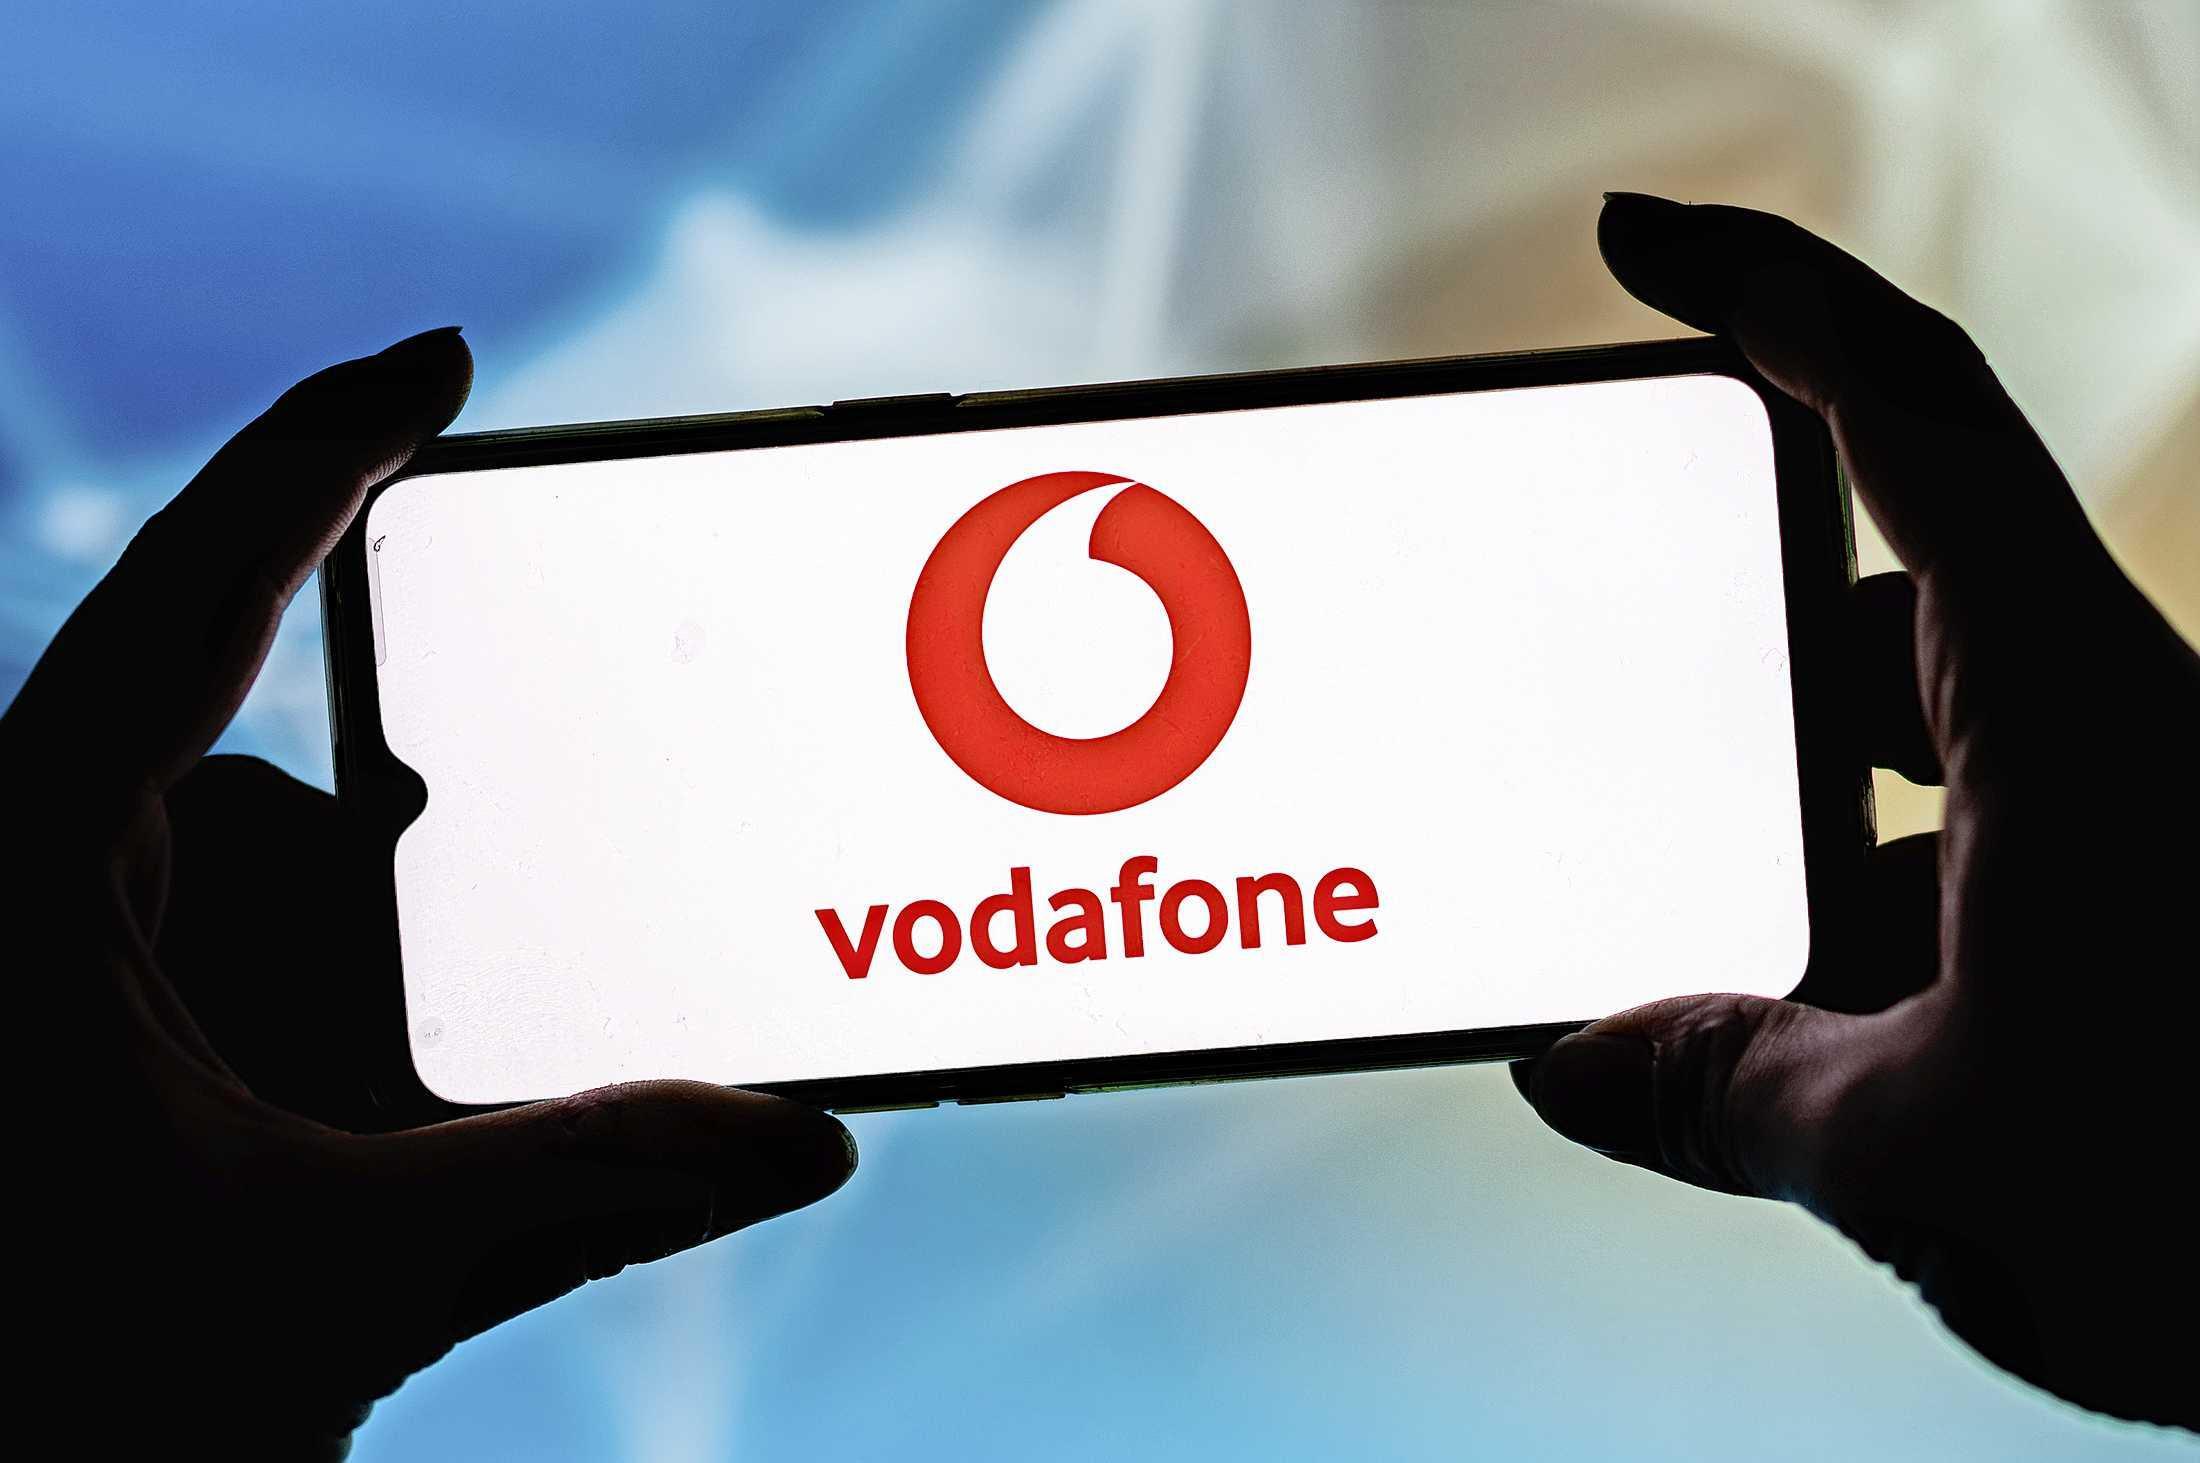 Vodafone Nederland kampt weer met storing | Binnenland | Telegraaf.nl